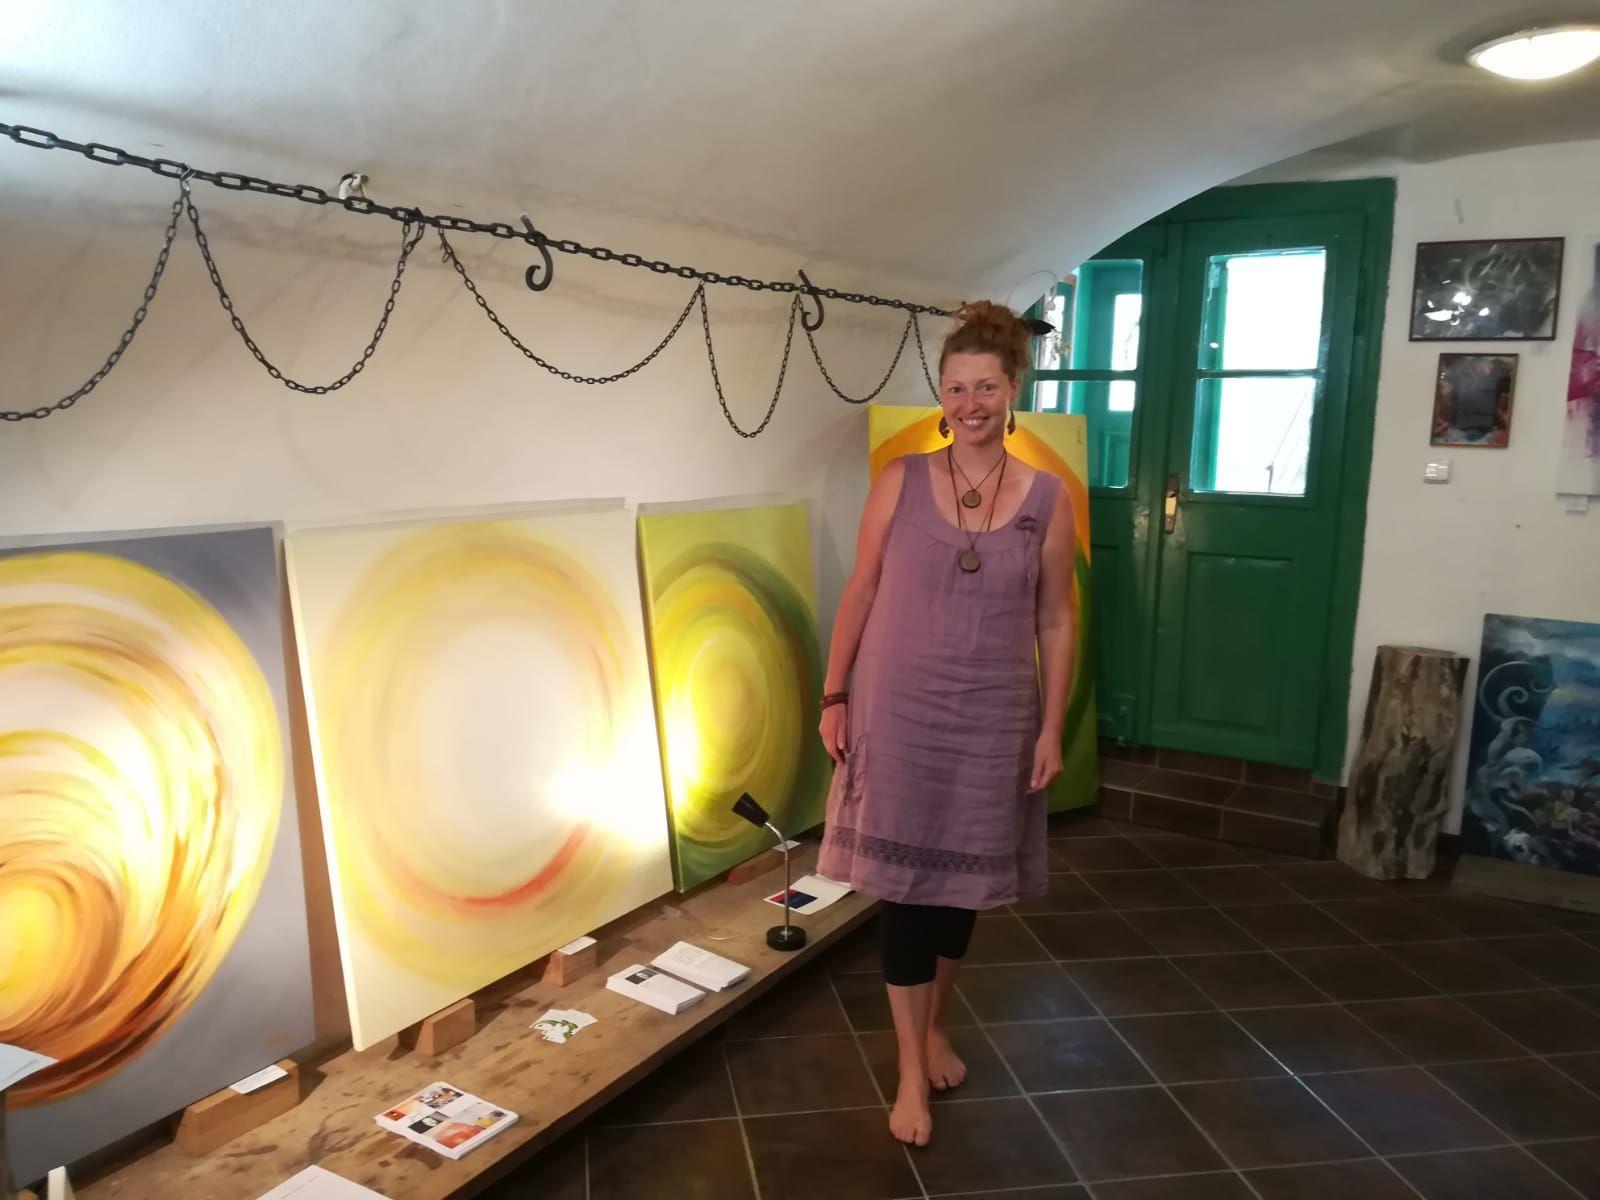 Malířka Jane H. se svými abstraktními obrazy - Galerie Supice, Tábor